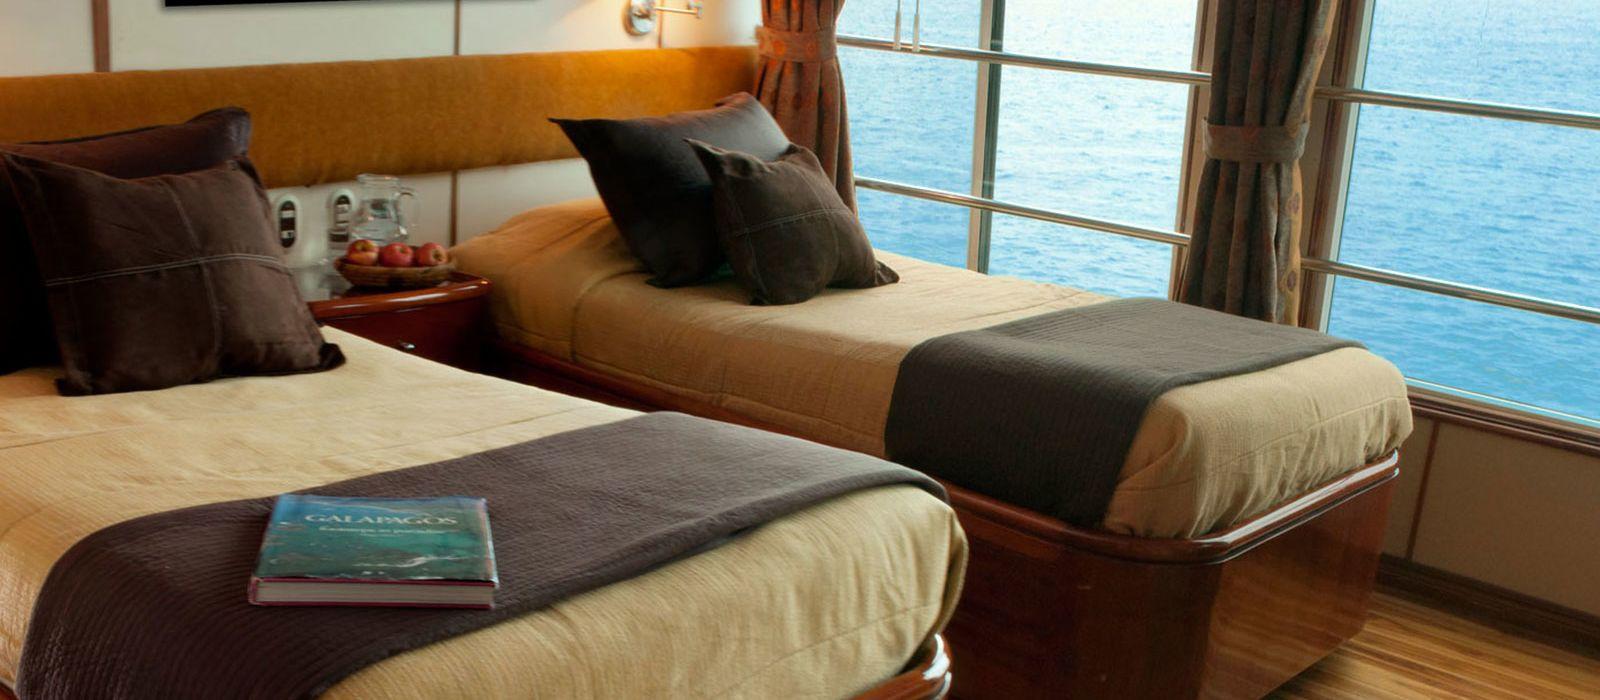 Hotel Queen of Galapagos Ecuador/Galapagos